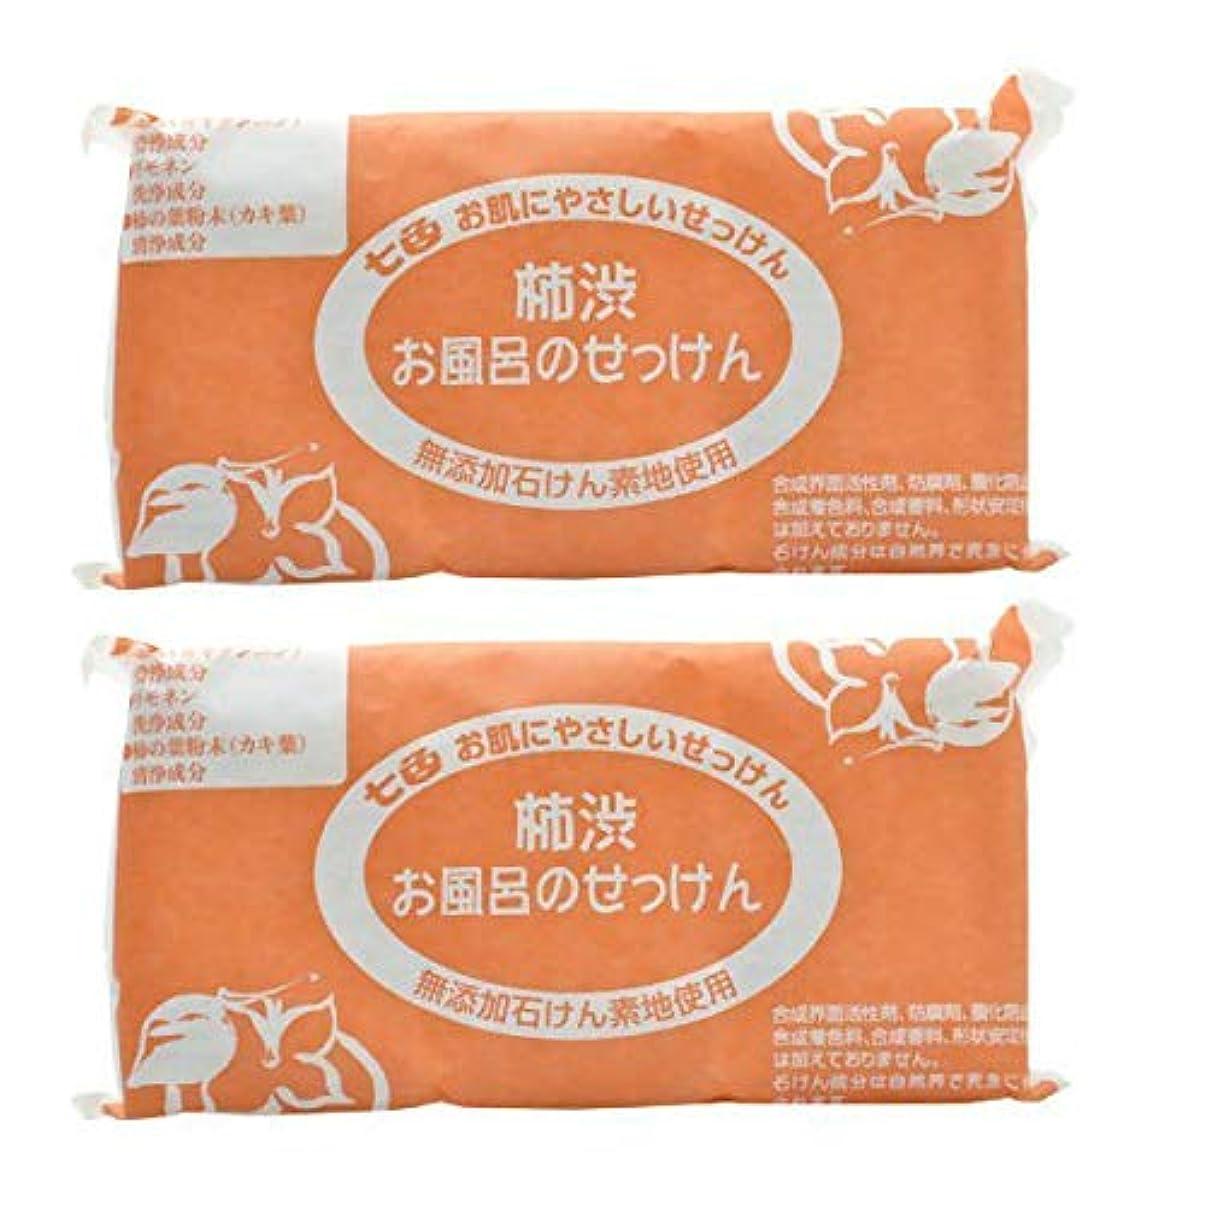 出身地裁判官承認する七色 お風呂のせっけん 柿渋(無添加石鹸) 100g×3個入×2セット